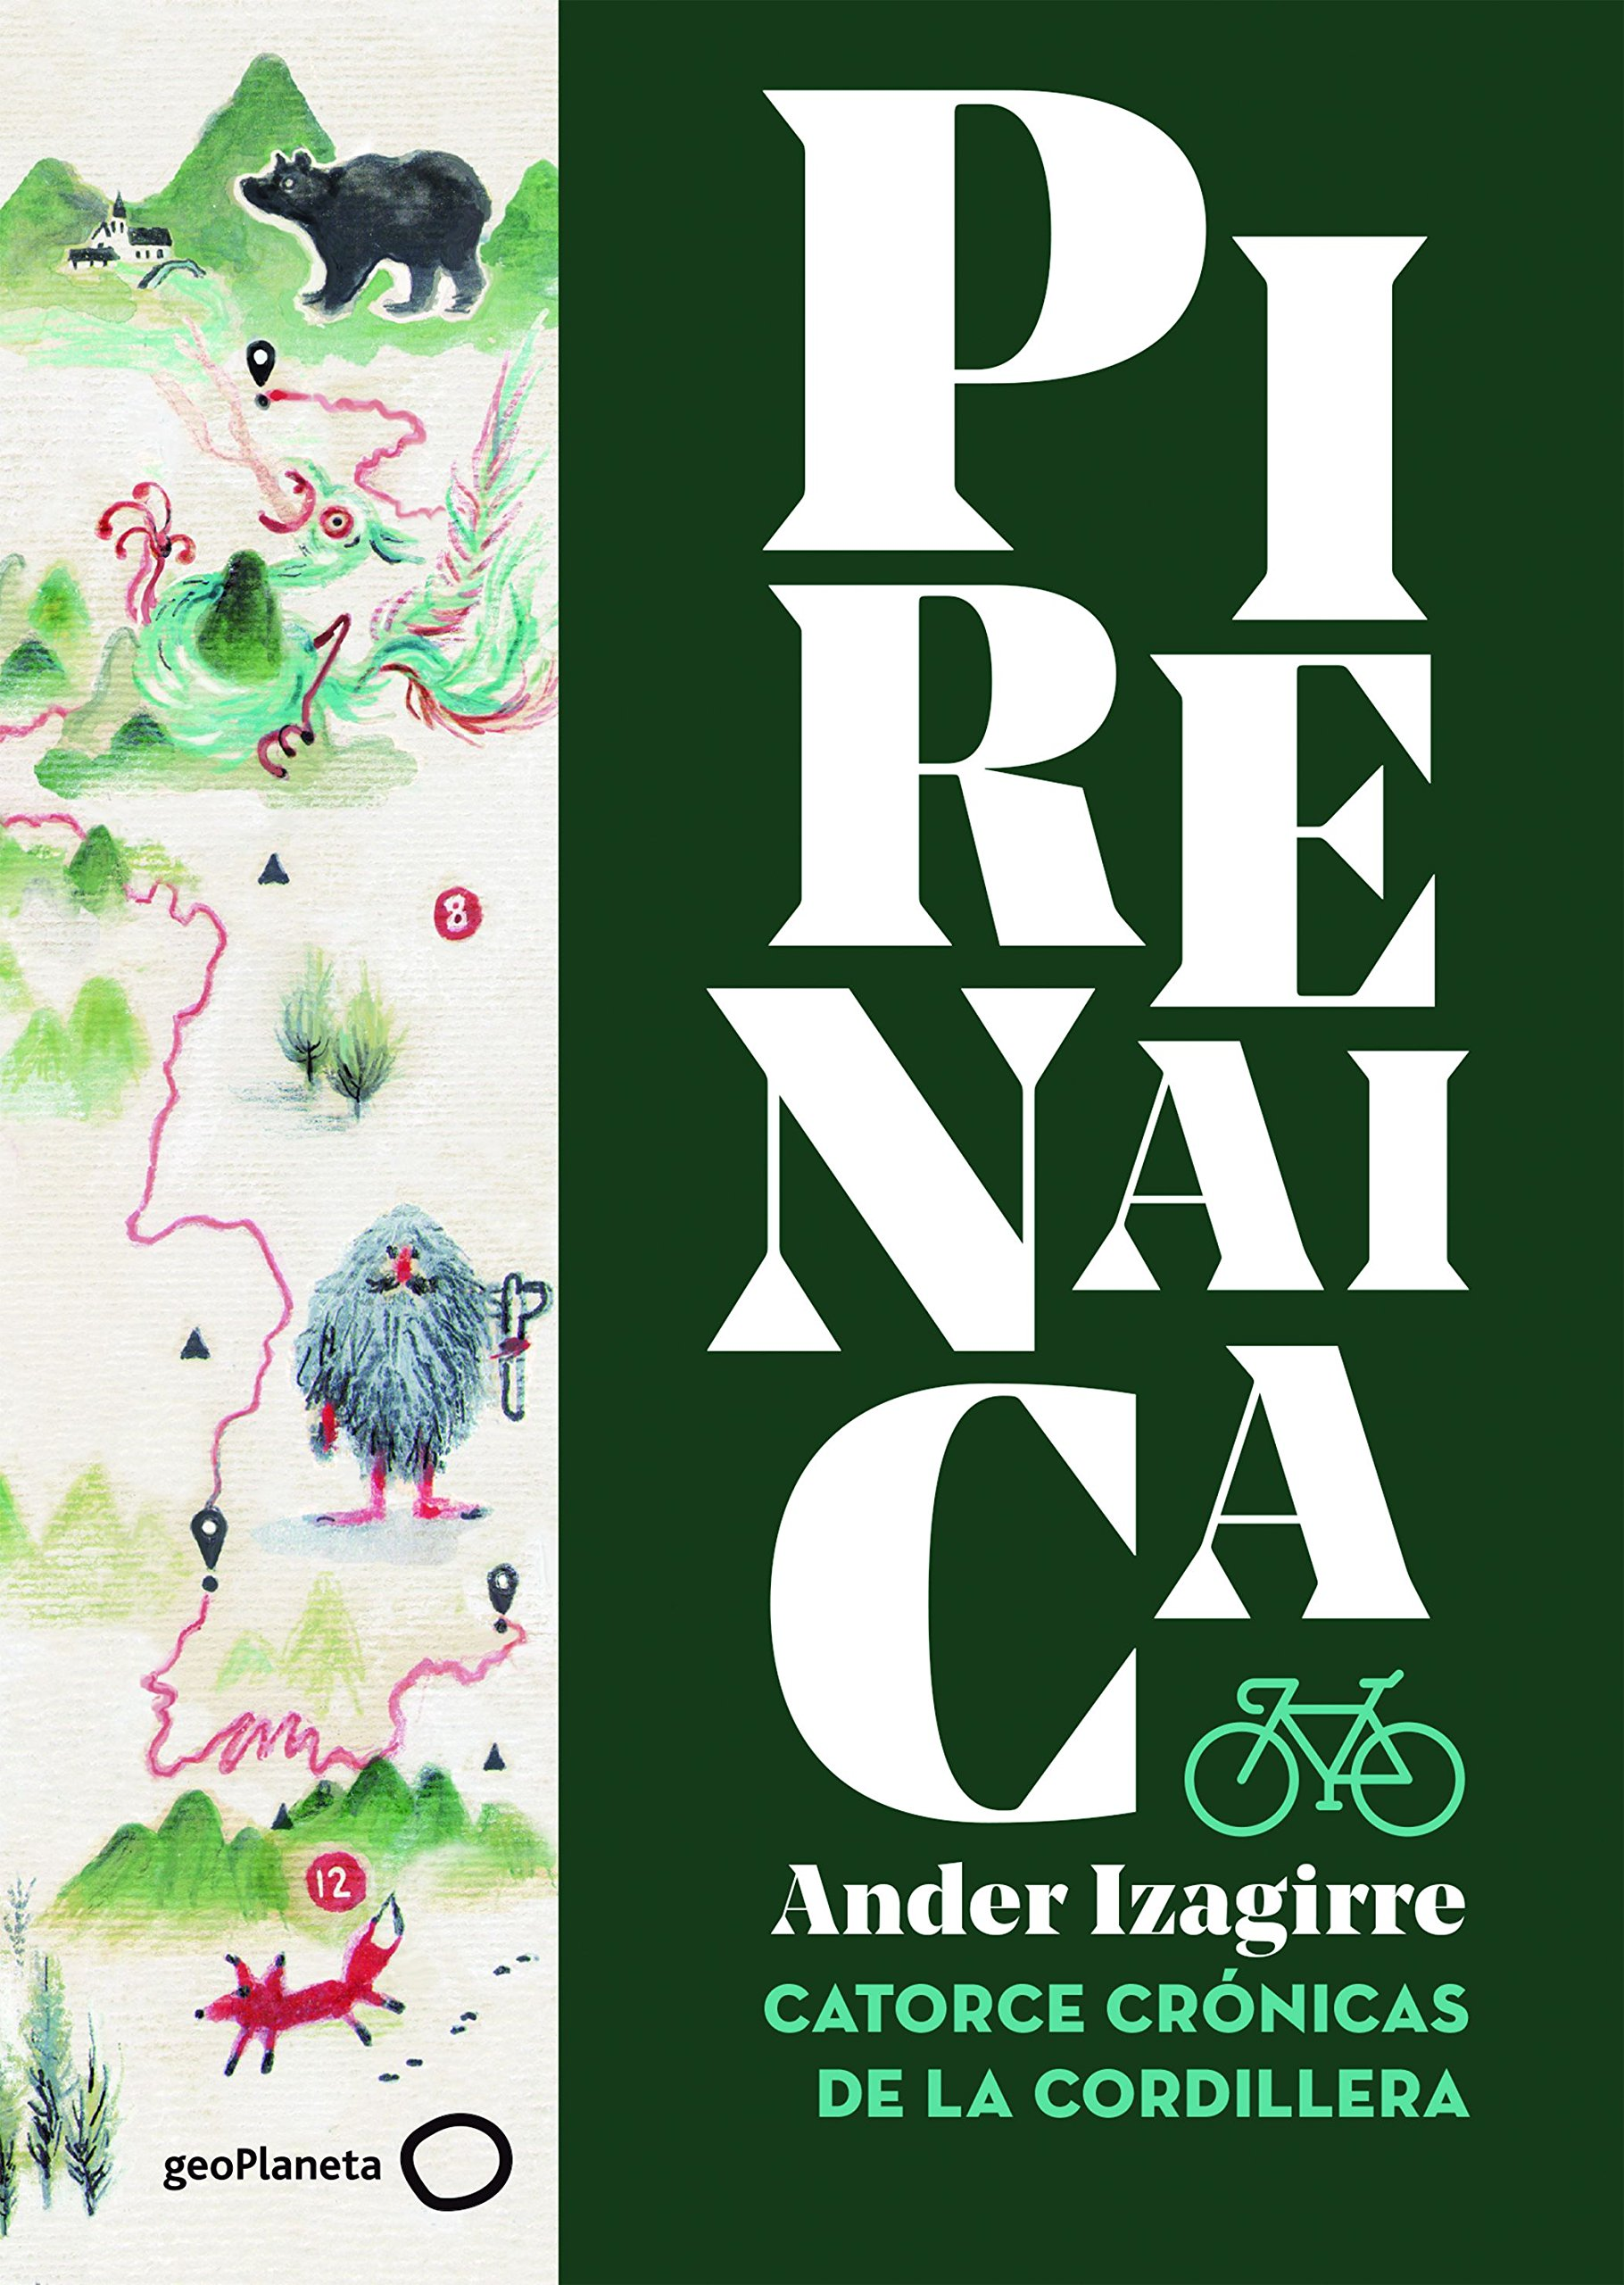 Pirenaica: Catorce crónicas de la cordillera (Ilustrados) Tapa dura – 10 abr 2018 Ander Izagirre Olaizola GeoPlaneta 8408185543 Cycling